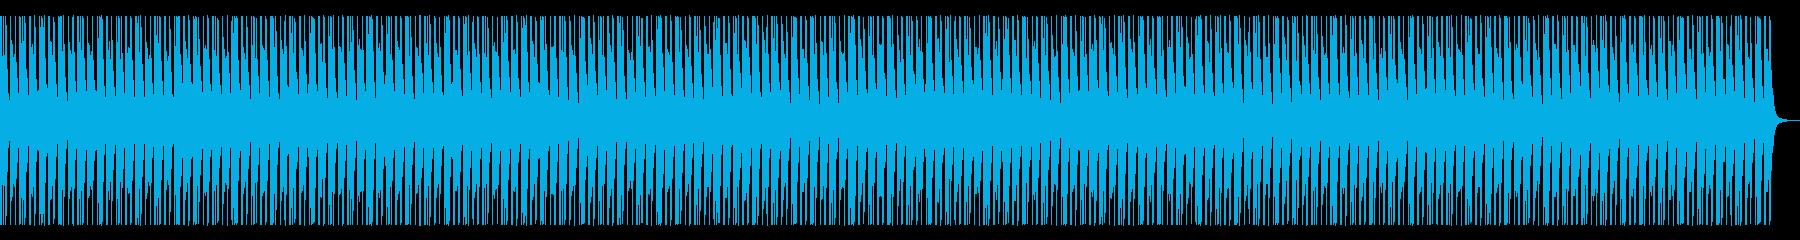 工場的ビート2の再生済みの波形